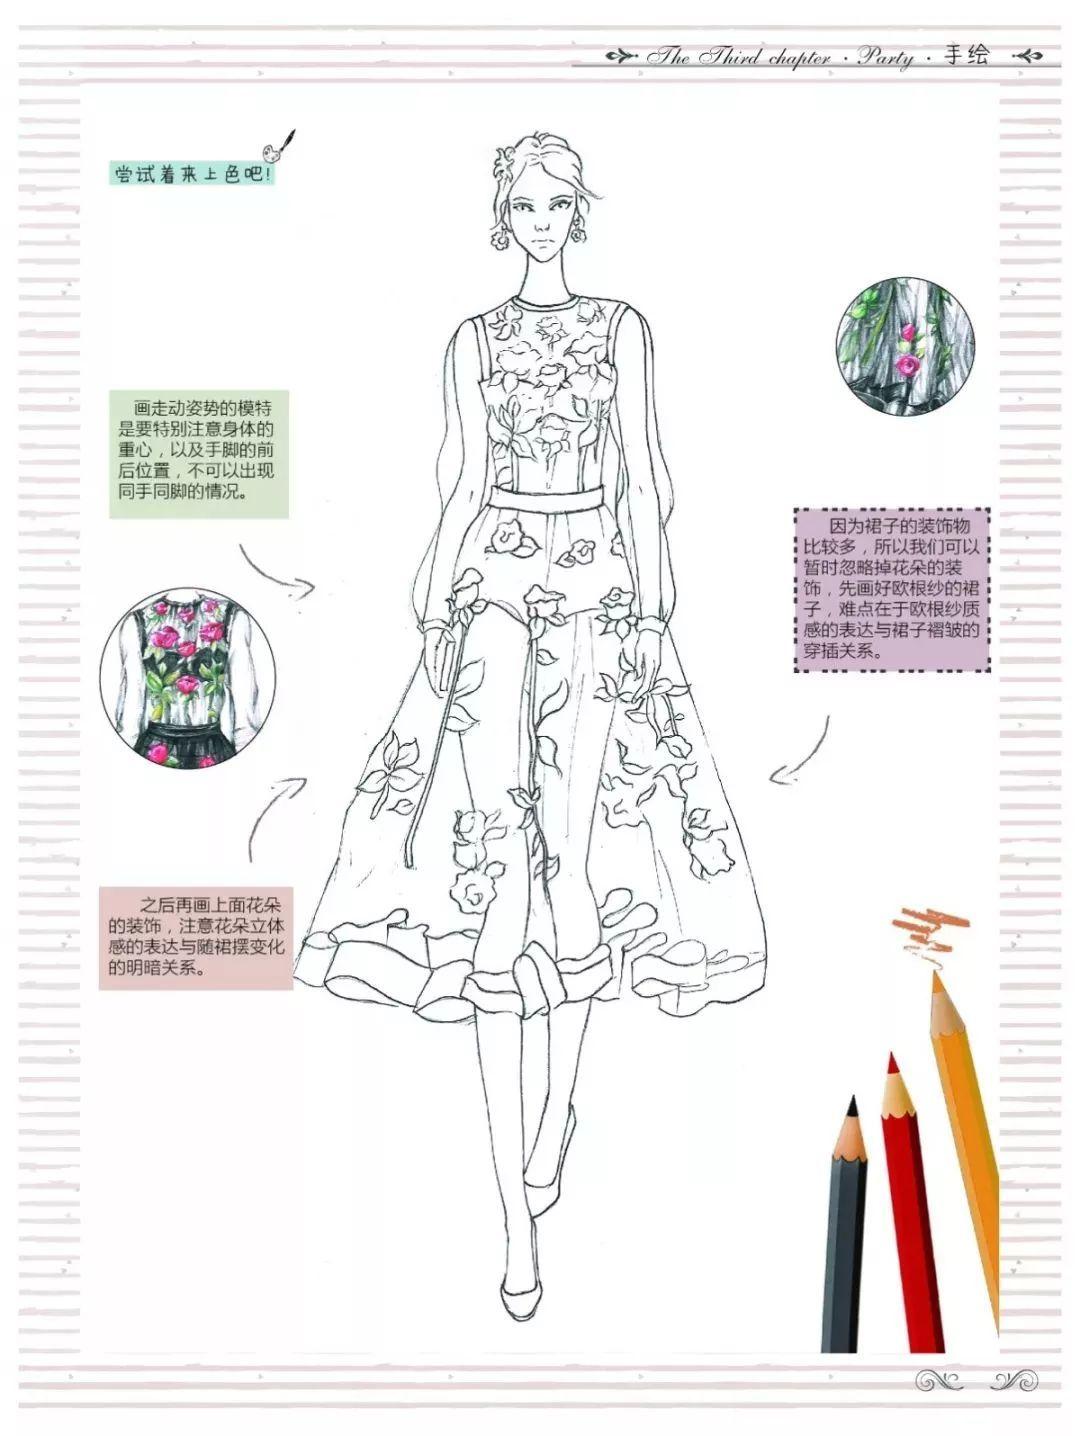 教育 正文  收录时尚编辑,时尚博主的穿衣搭配 学习手绘技巧的同时 还图片